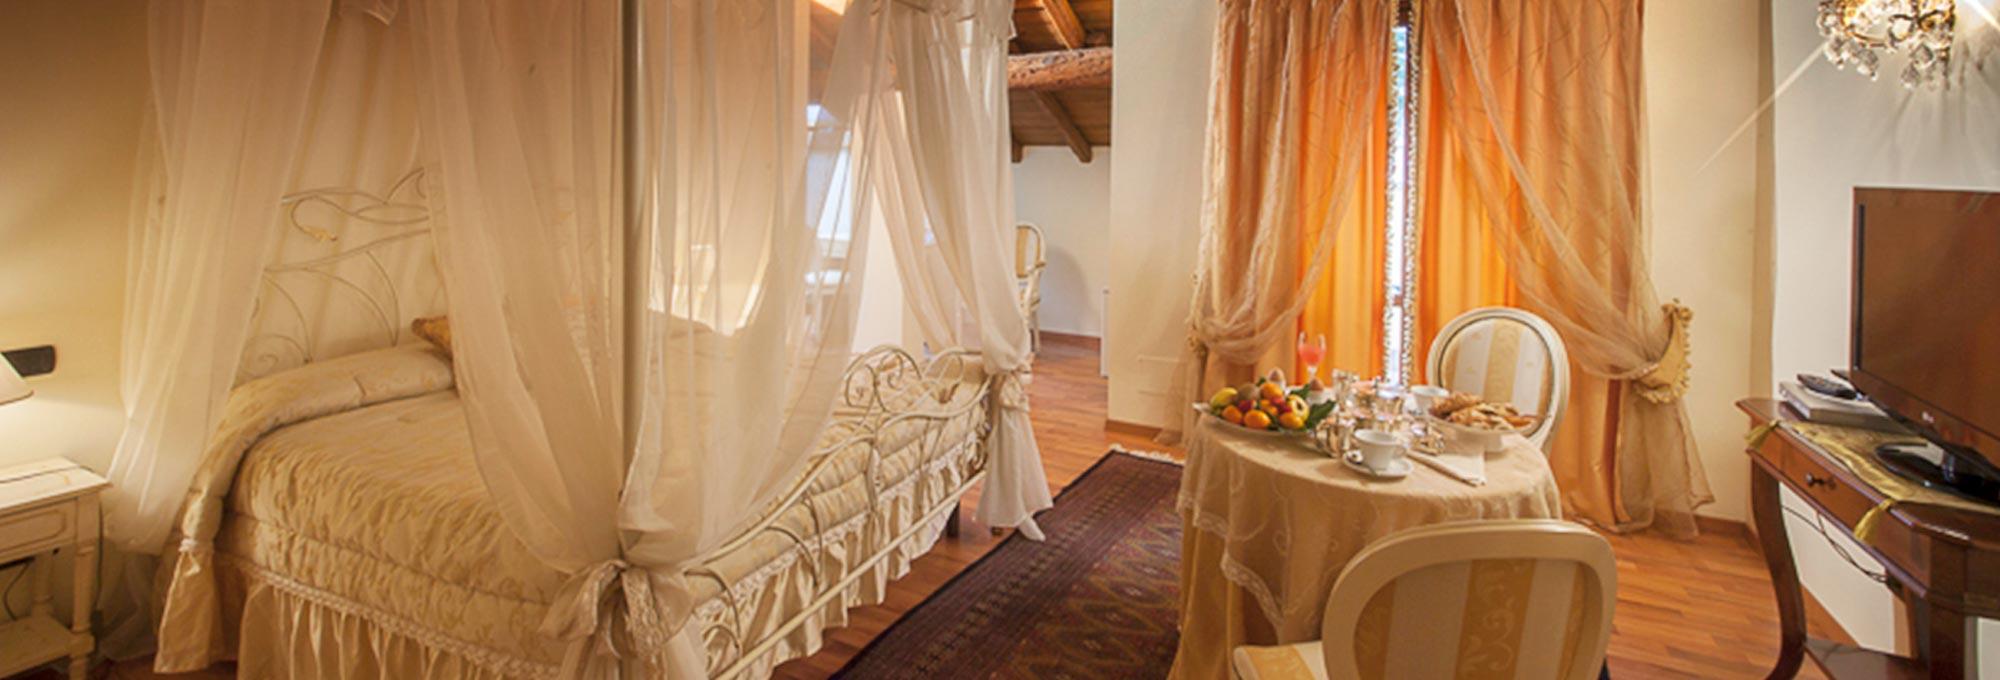 Hotel Villa Giulia Lago di Como - Suite